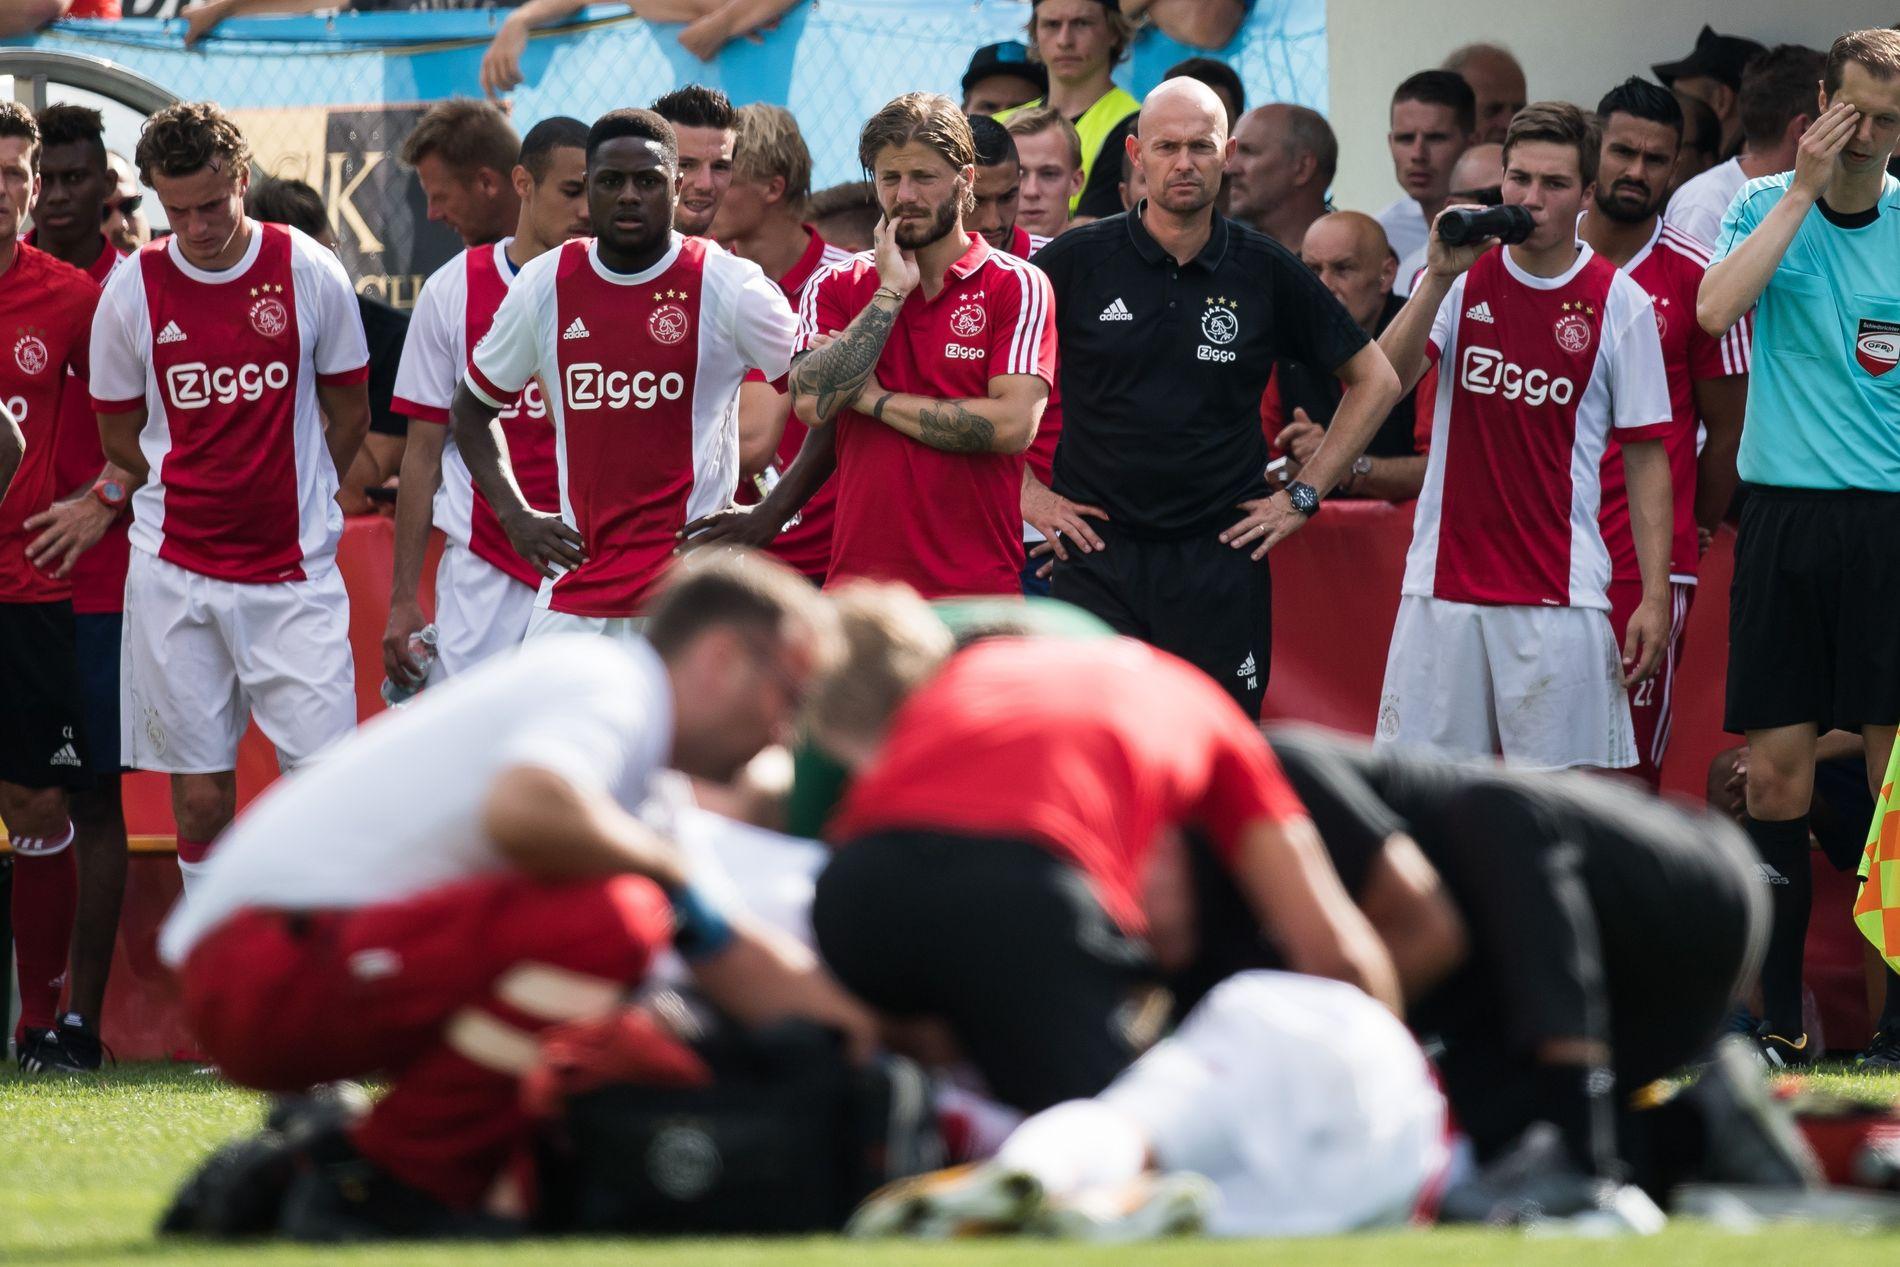 KOLLAPSET: Bekymrede lagkamerater fulgte nervøst med da Abdelhak Nouri kollapset under en treningskamp mellom Ajax og Werder Bremen.